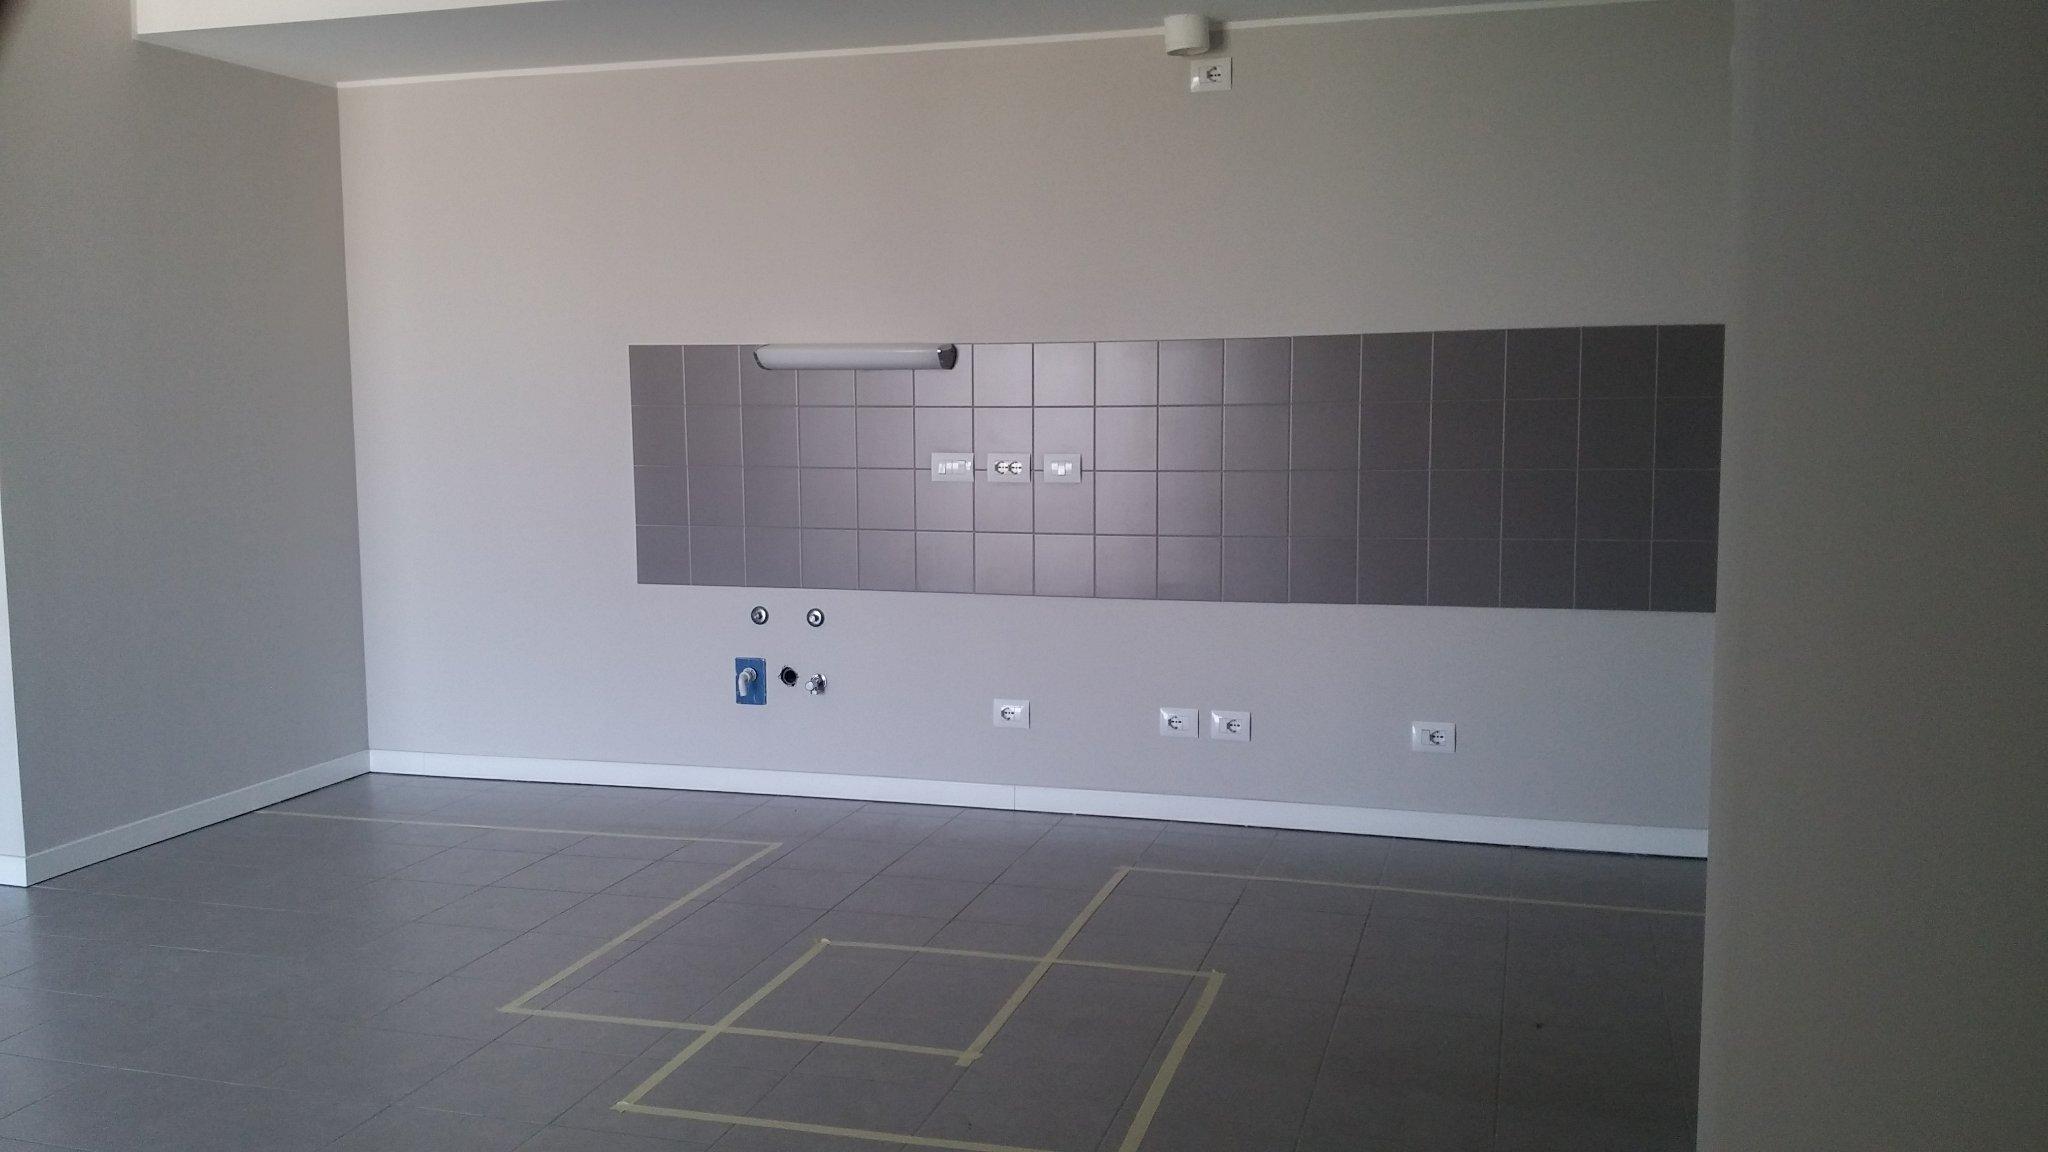 togliere 3m2 di piastrelle (parete cucina) e metterle nuove già a ...